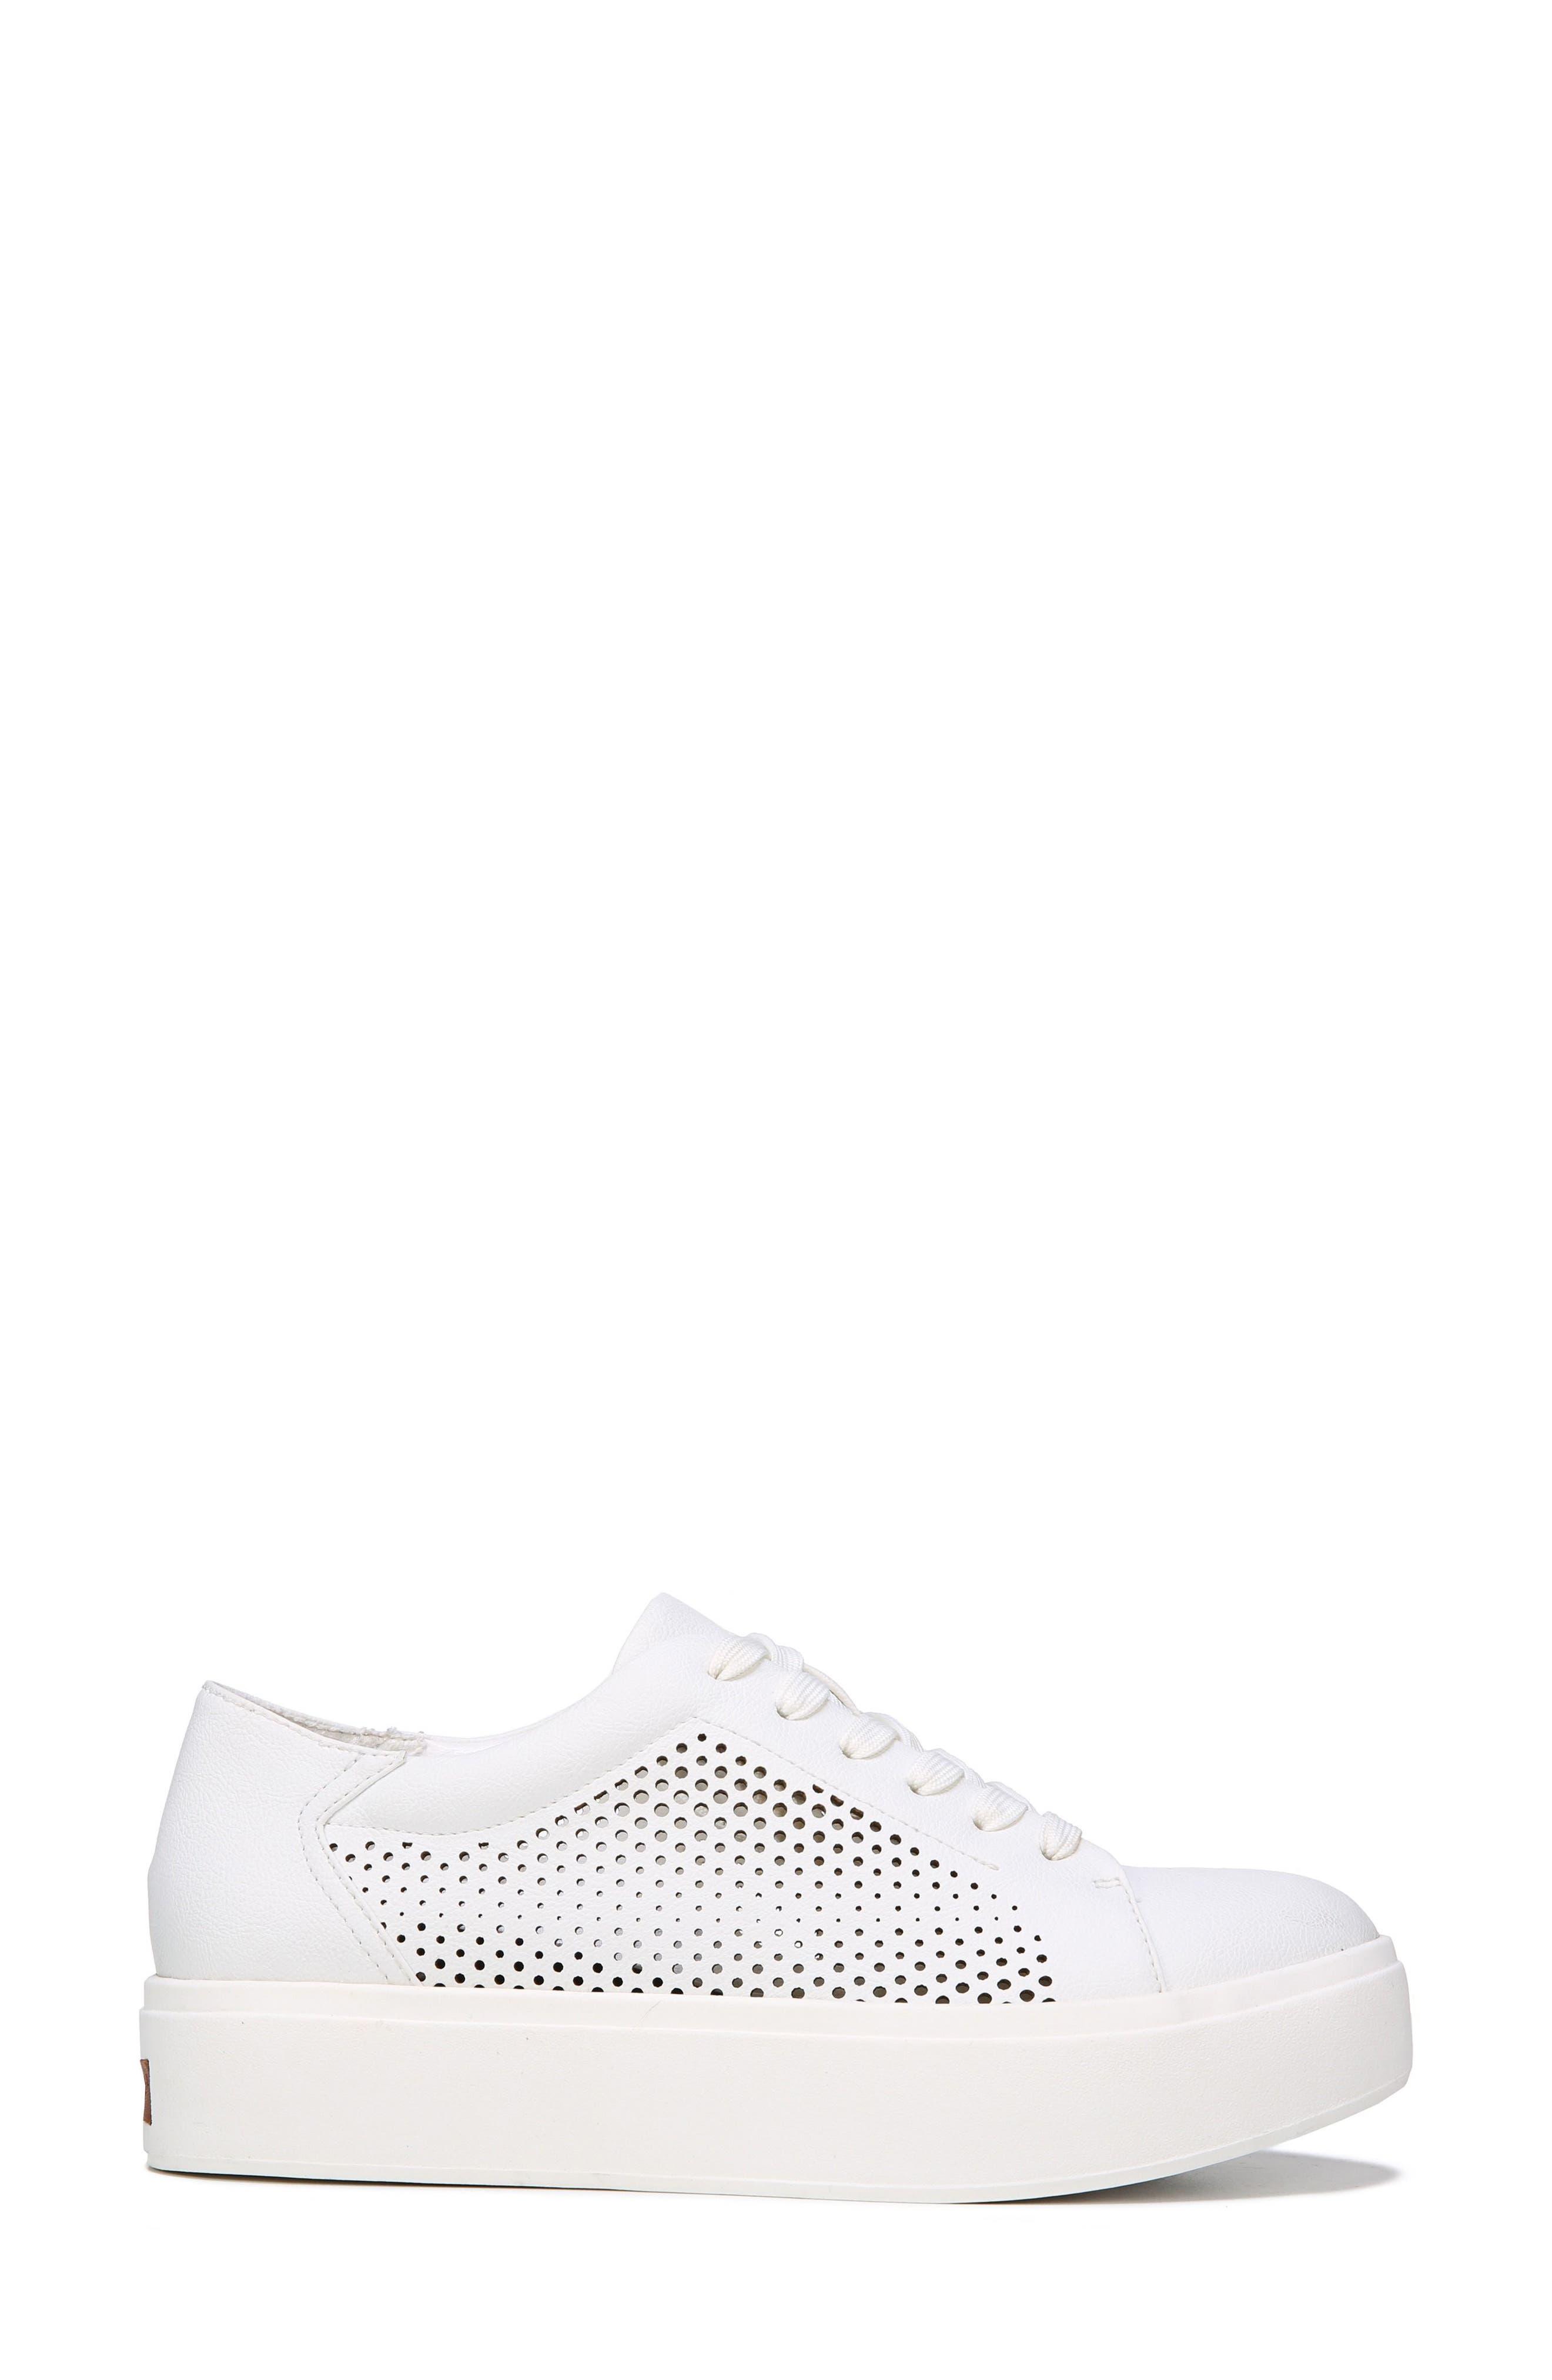 Kinney Platform Sneaker,                             Alternate thumbnail 3, color,                             White